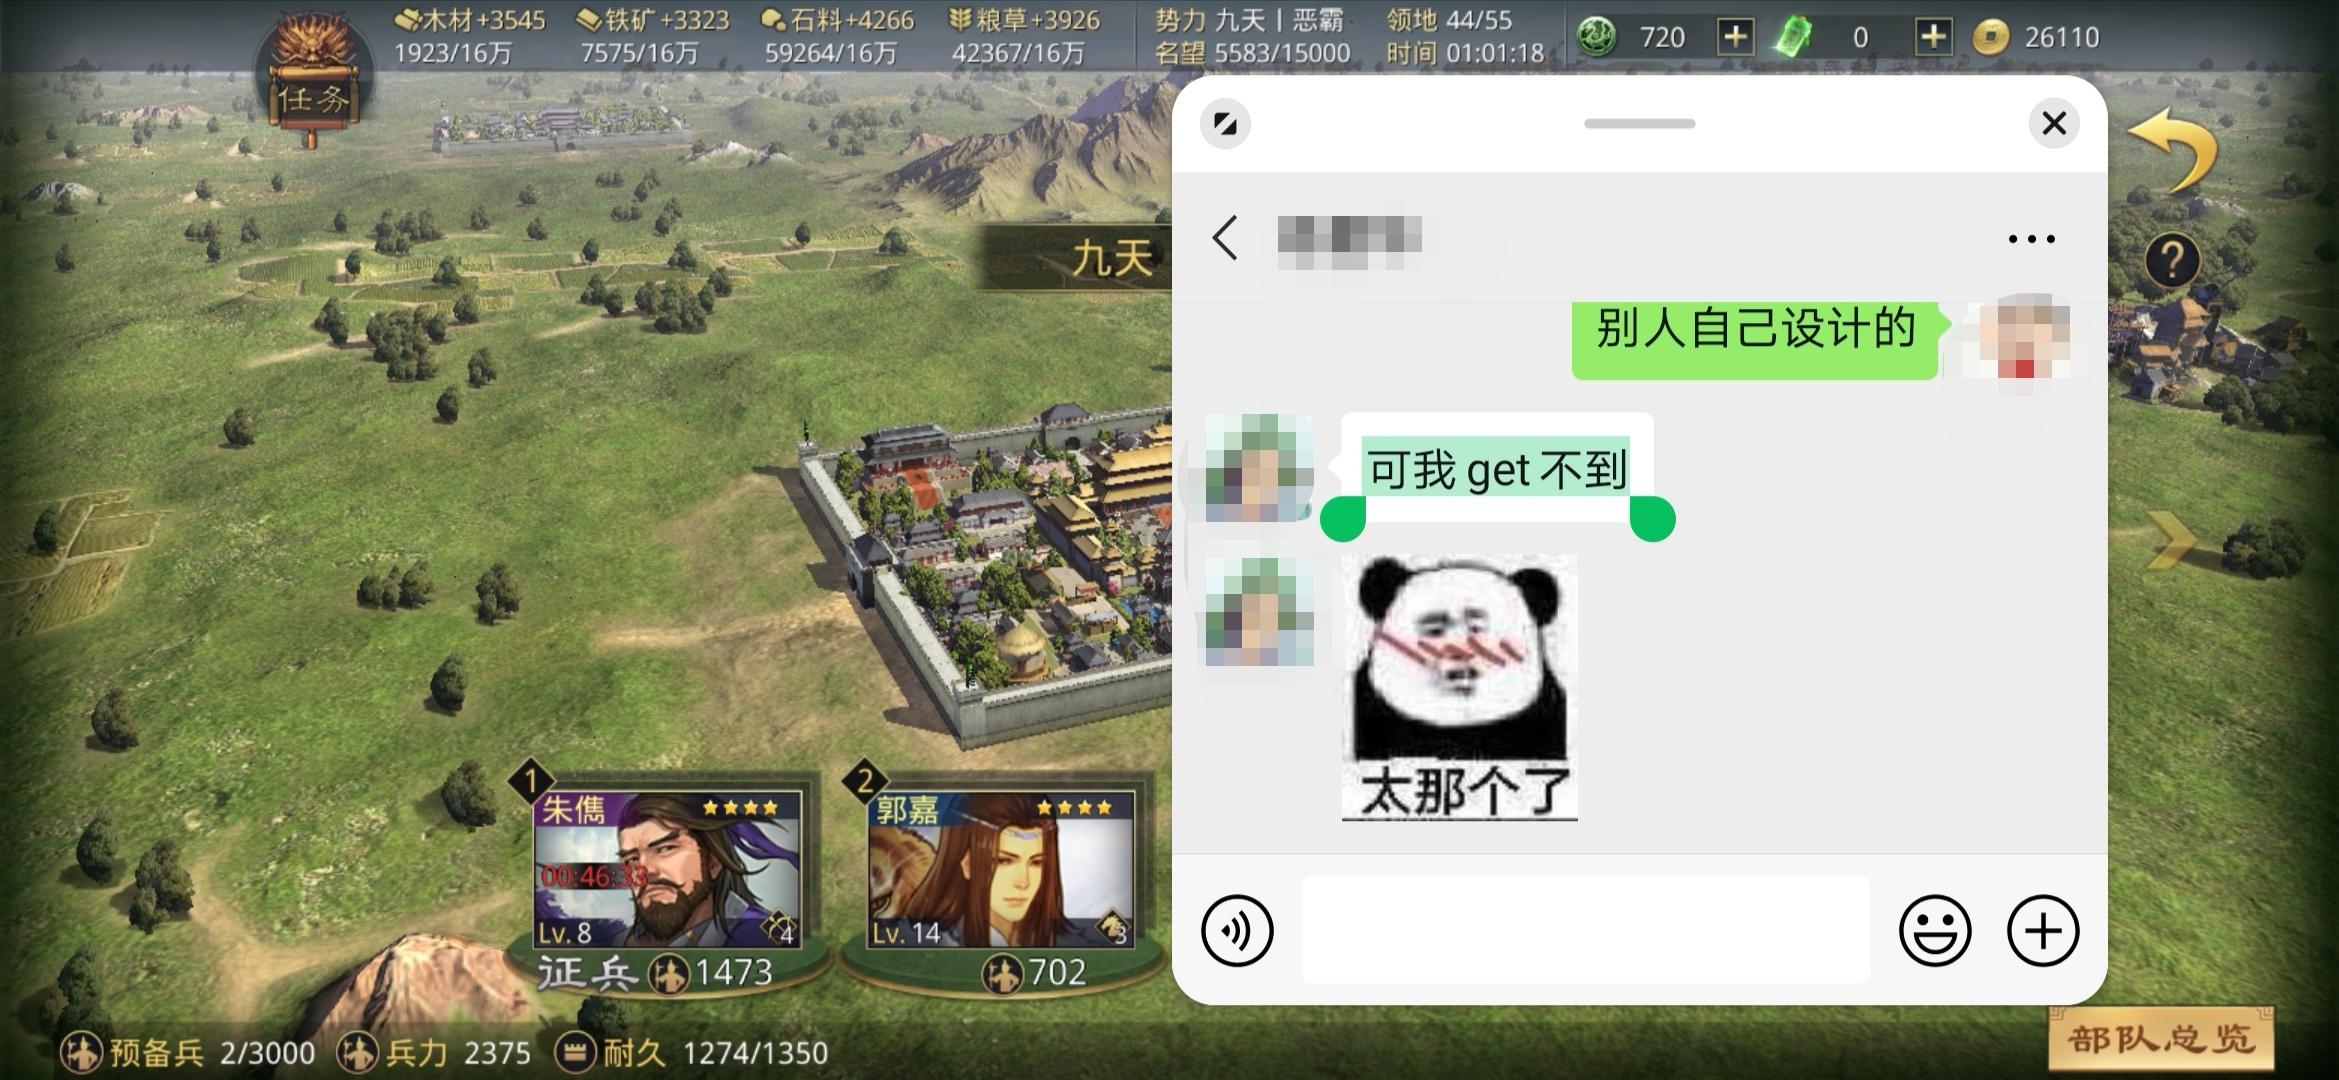 Screenshot_20200516_010228.jpg